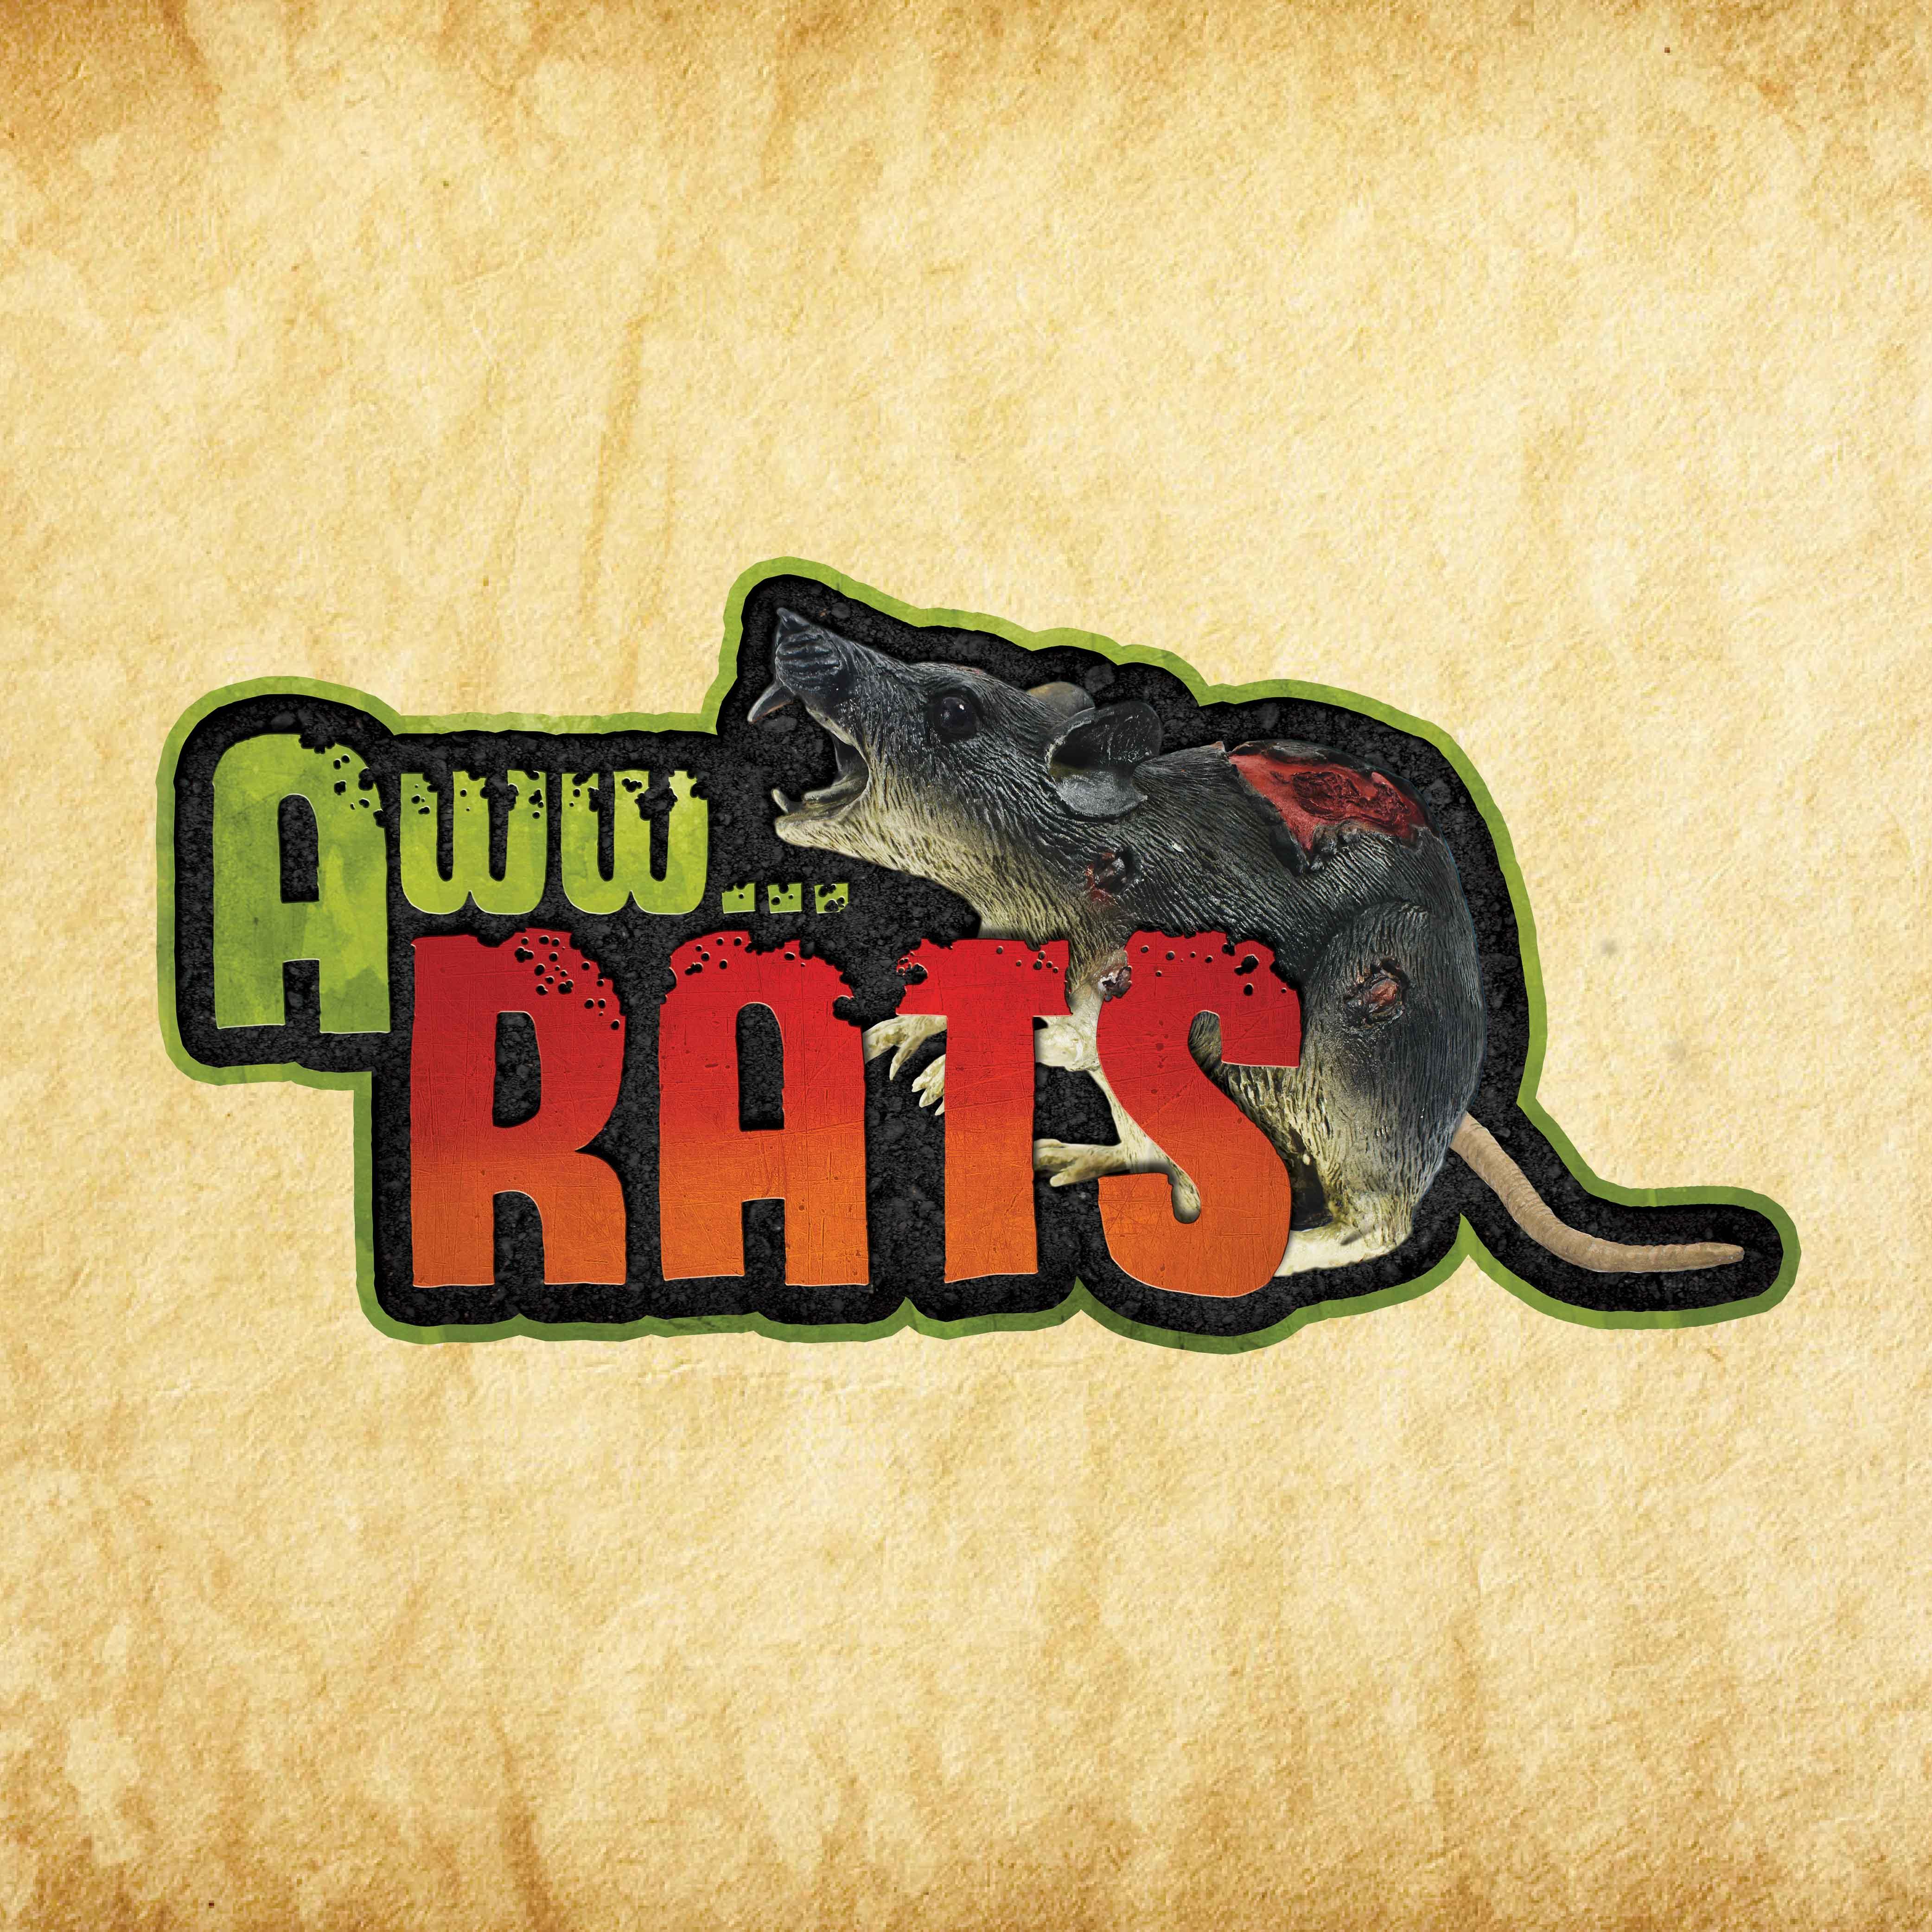 Aww..Rats